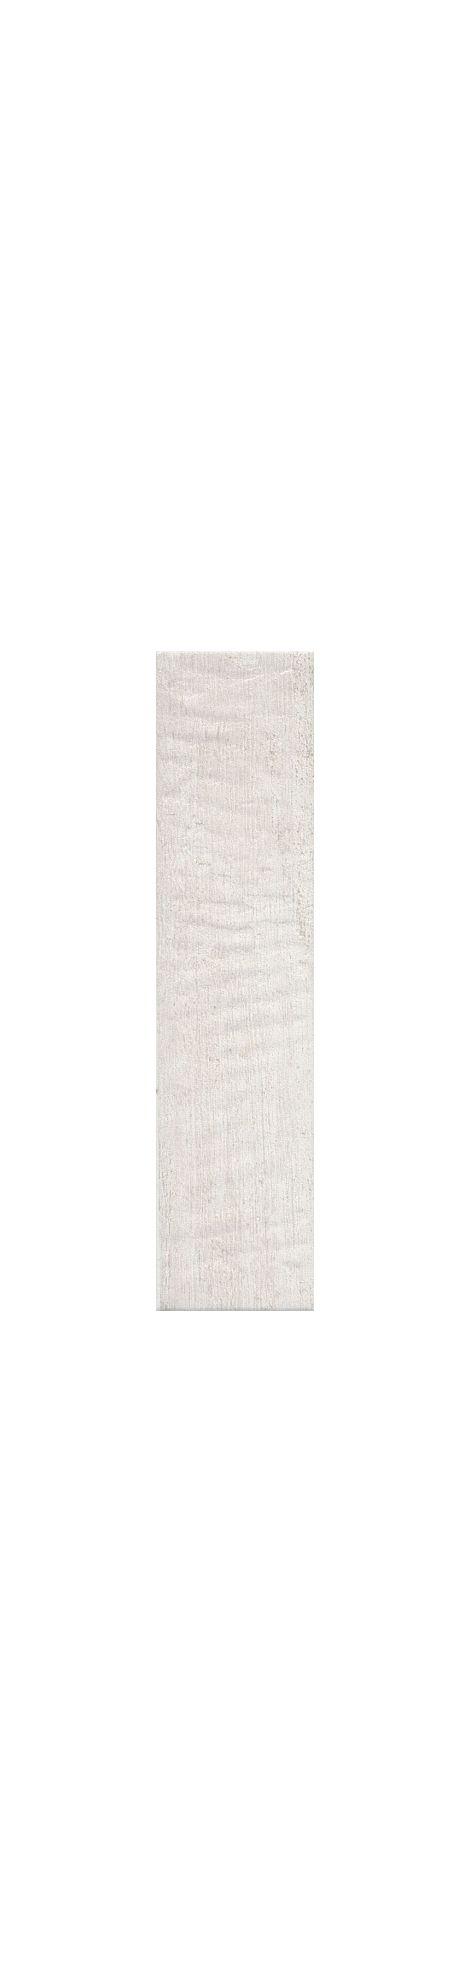 SG401500N   Кантри Шик белая напольная плитка